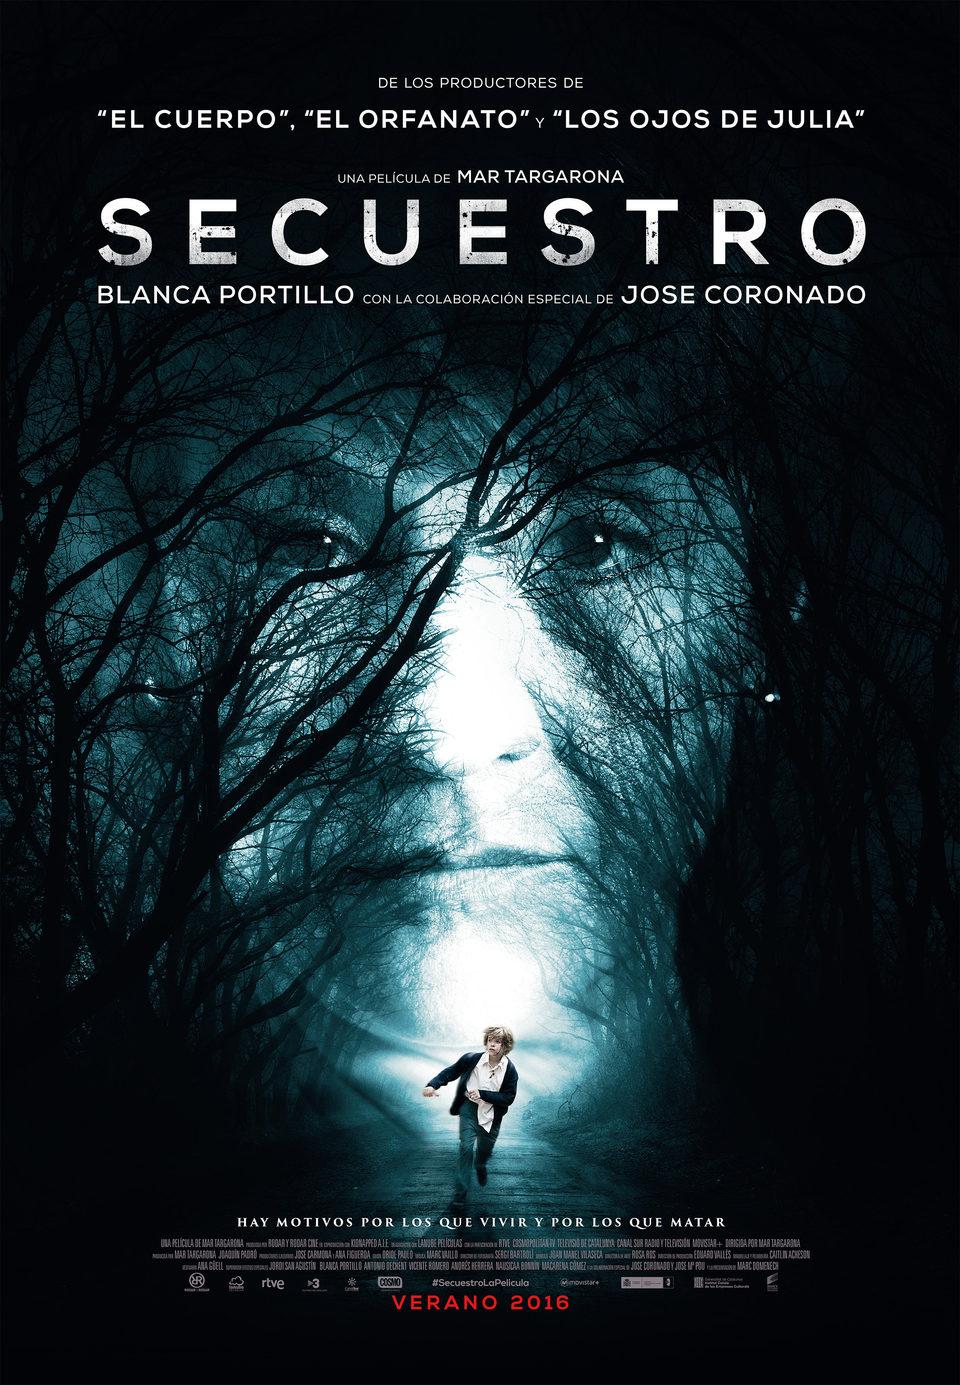 España Oficial poster for Secuestro